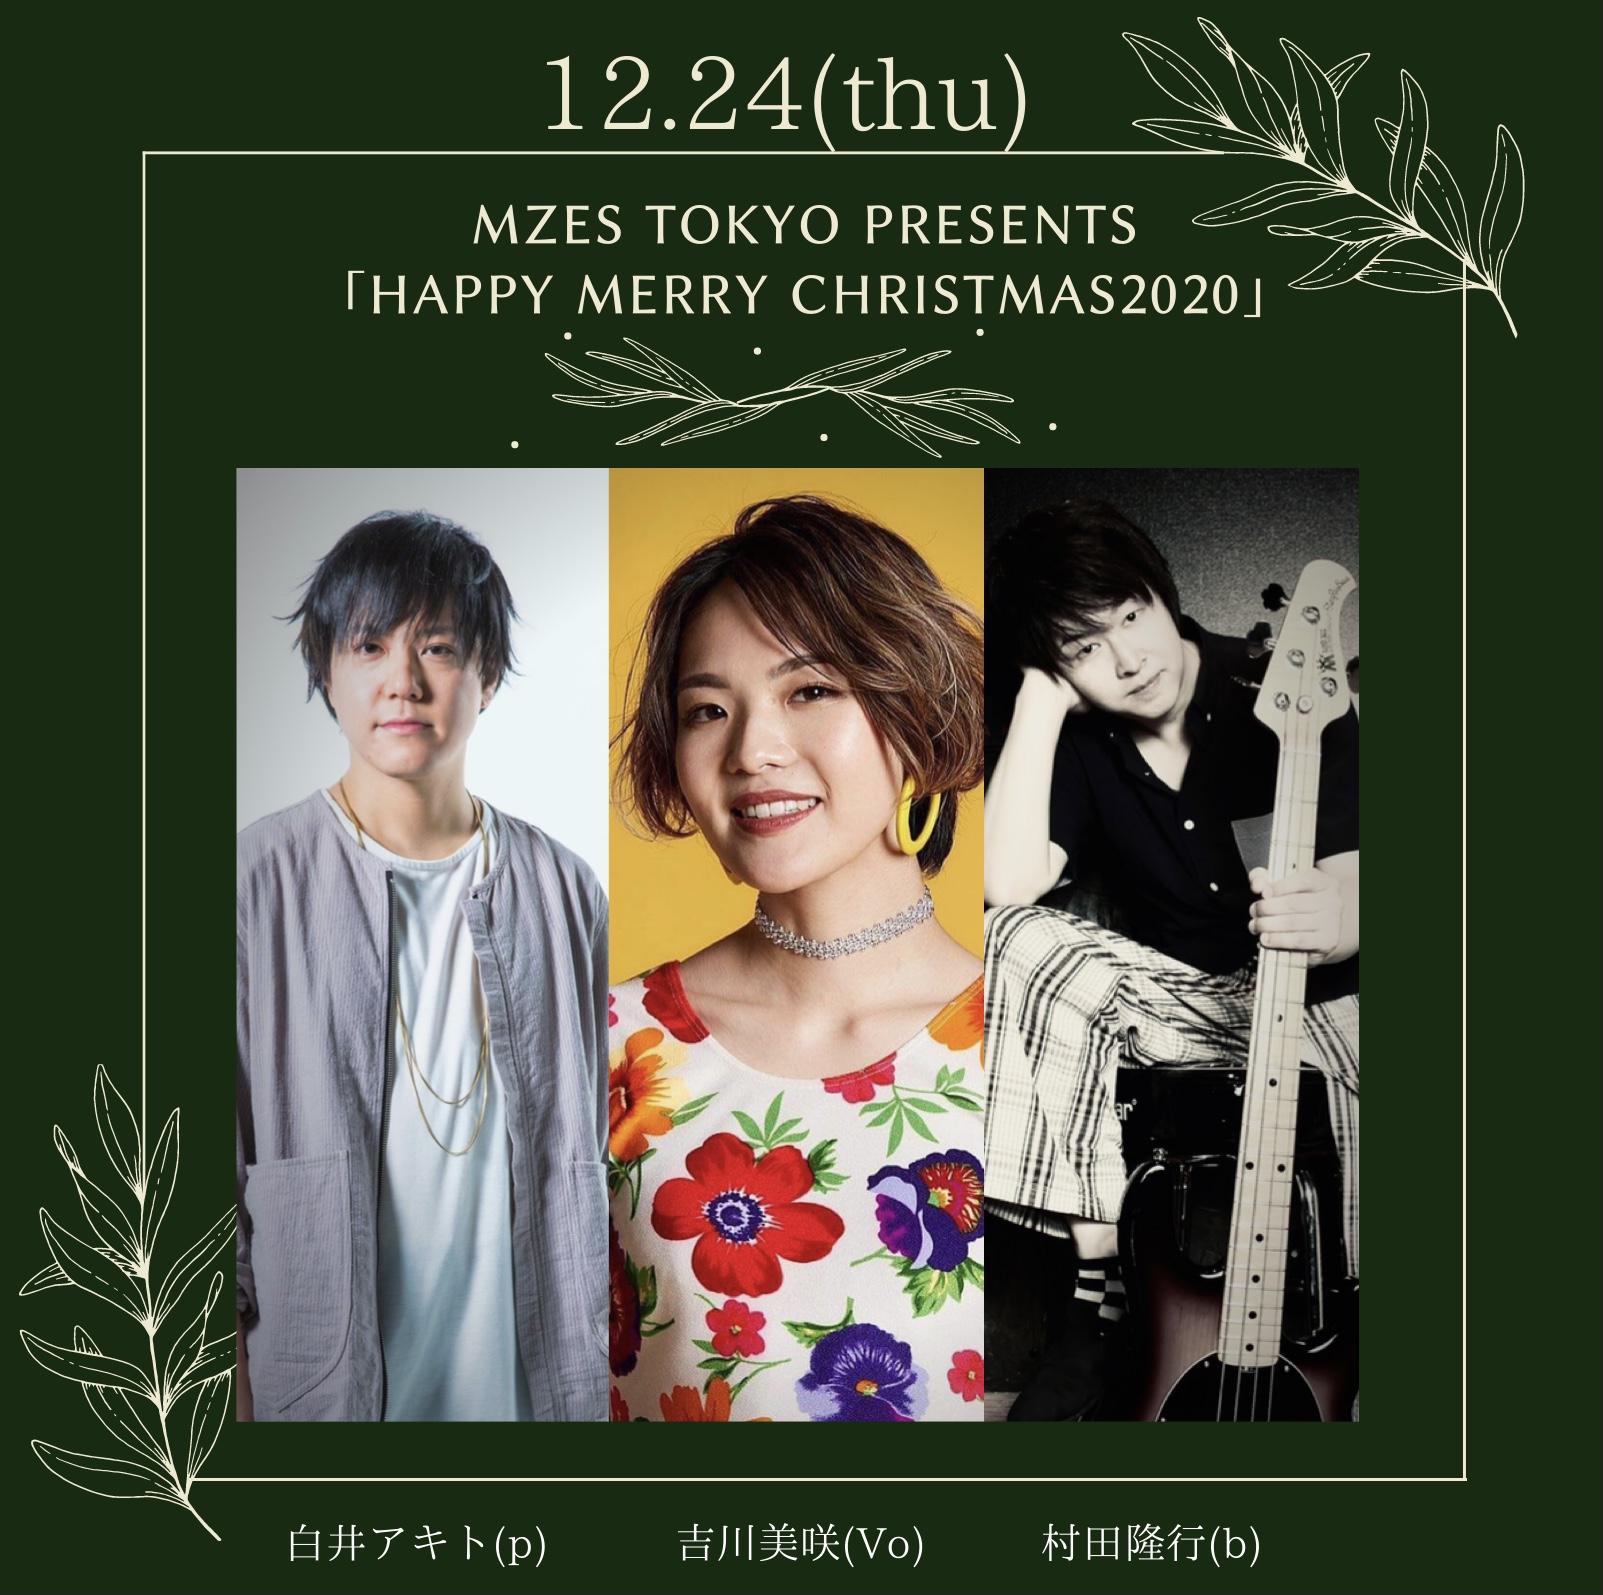 【投げ銭】Mzes Tokyo Presents 「Happy Merry Christmas 2020」